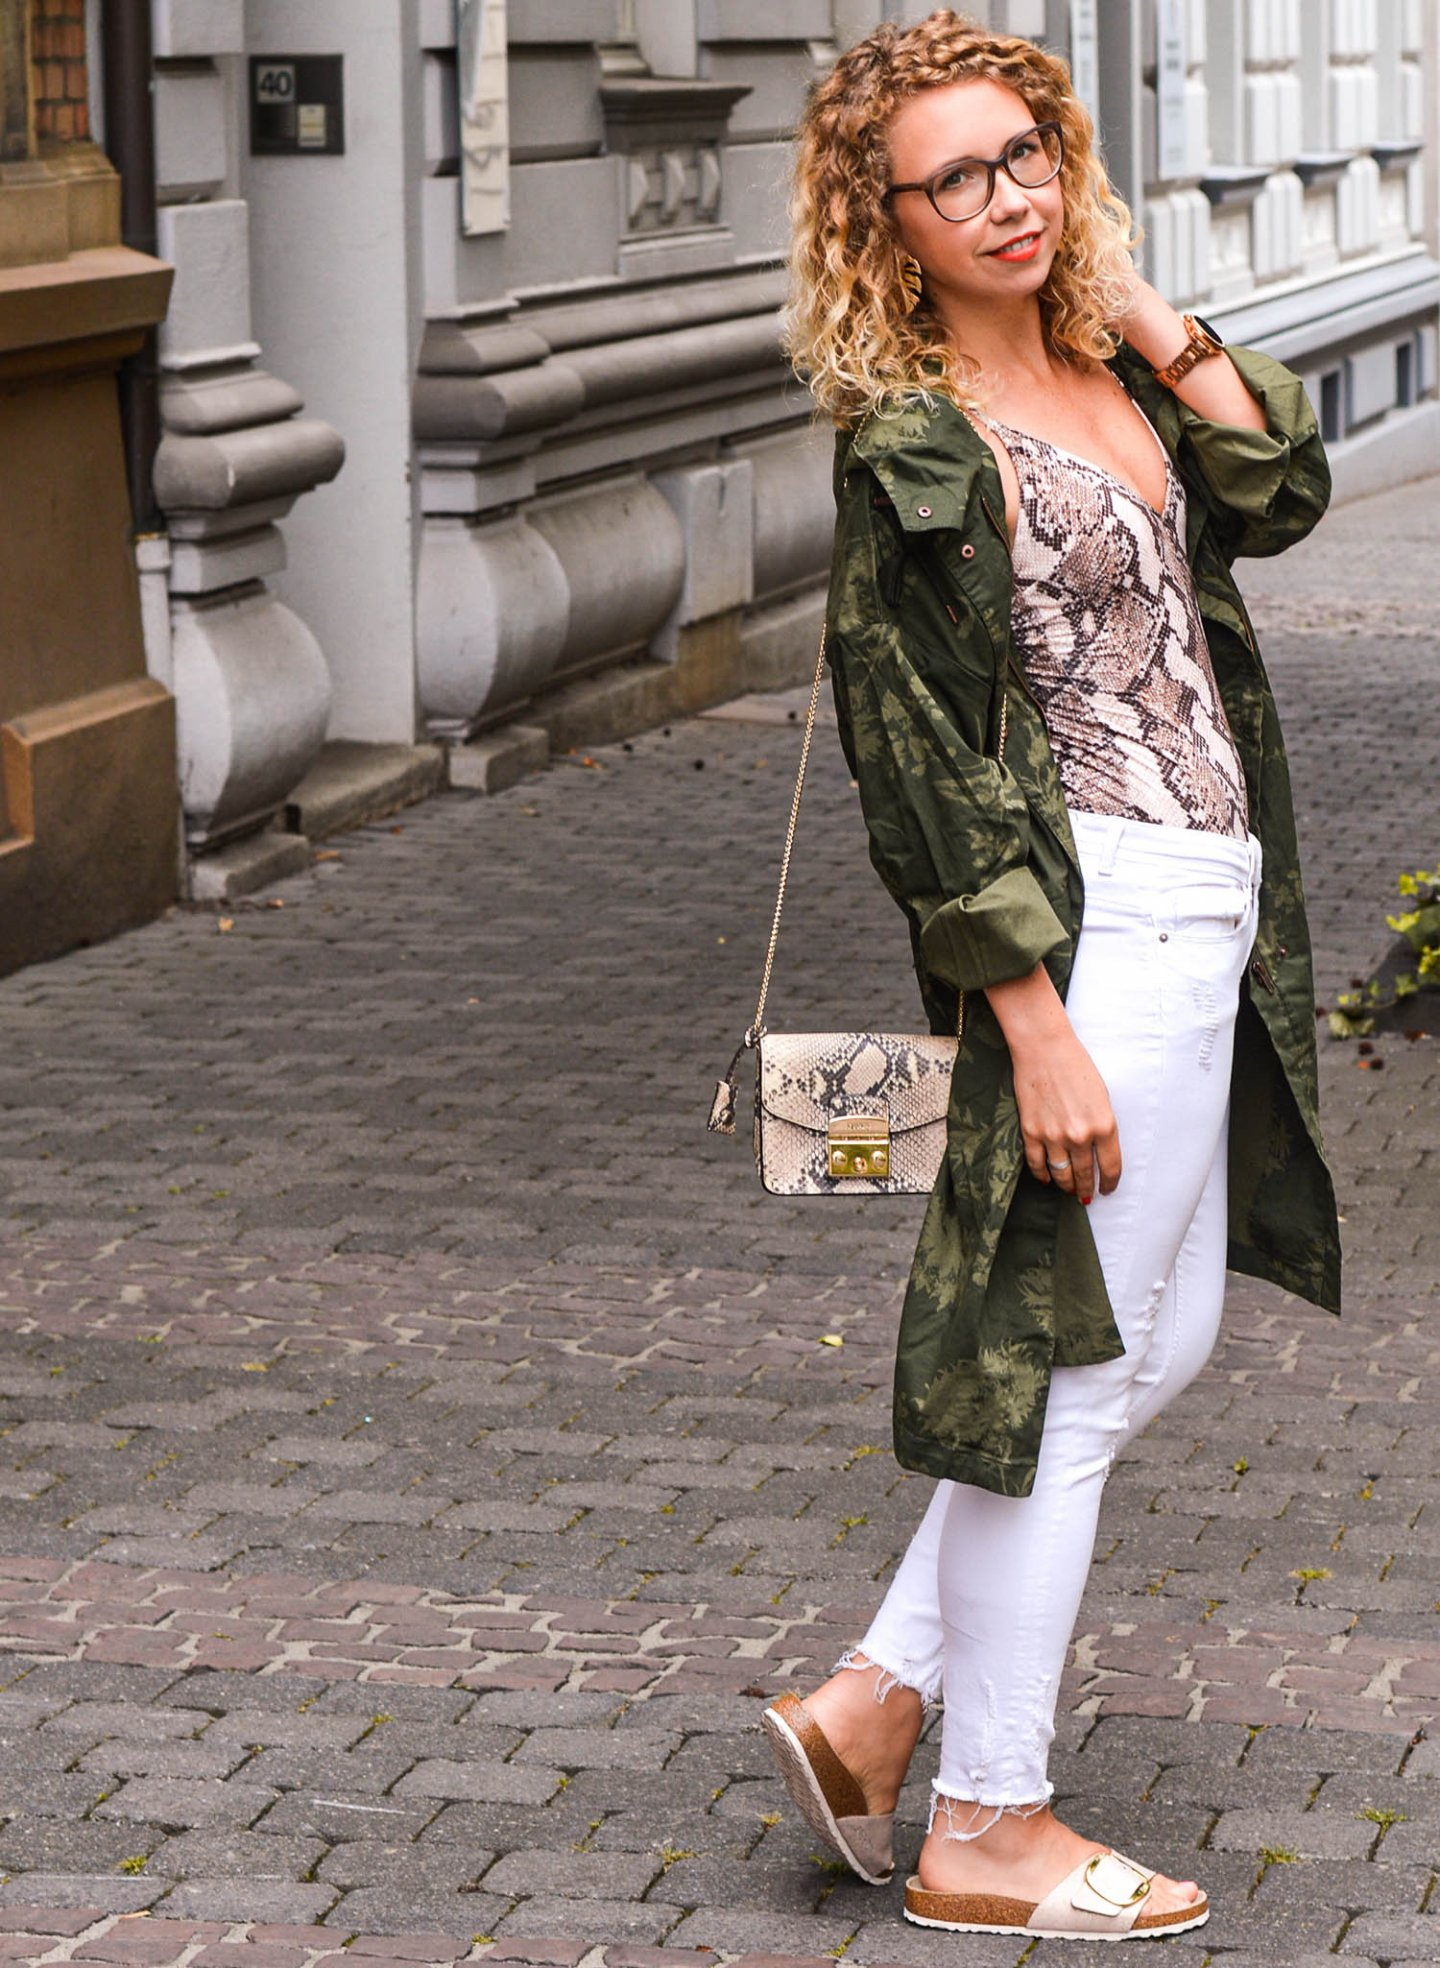 urlaubslook mit parka, weißer Jeans und Birkenstocks